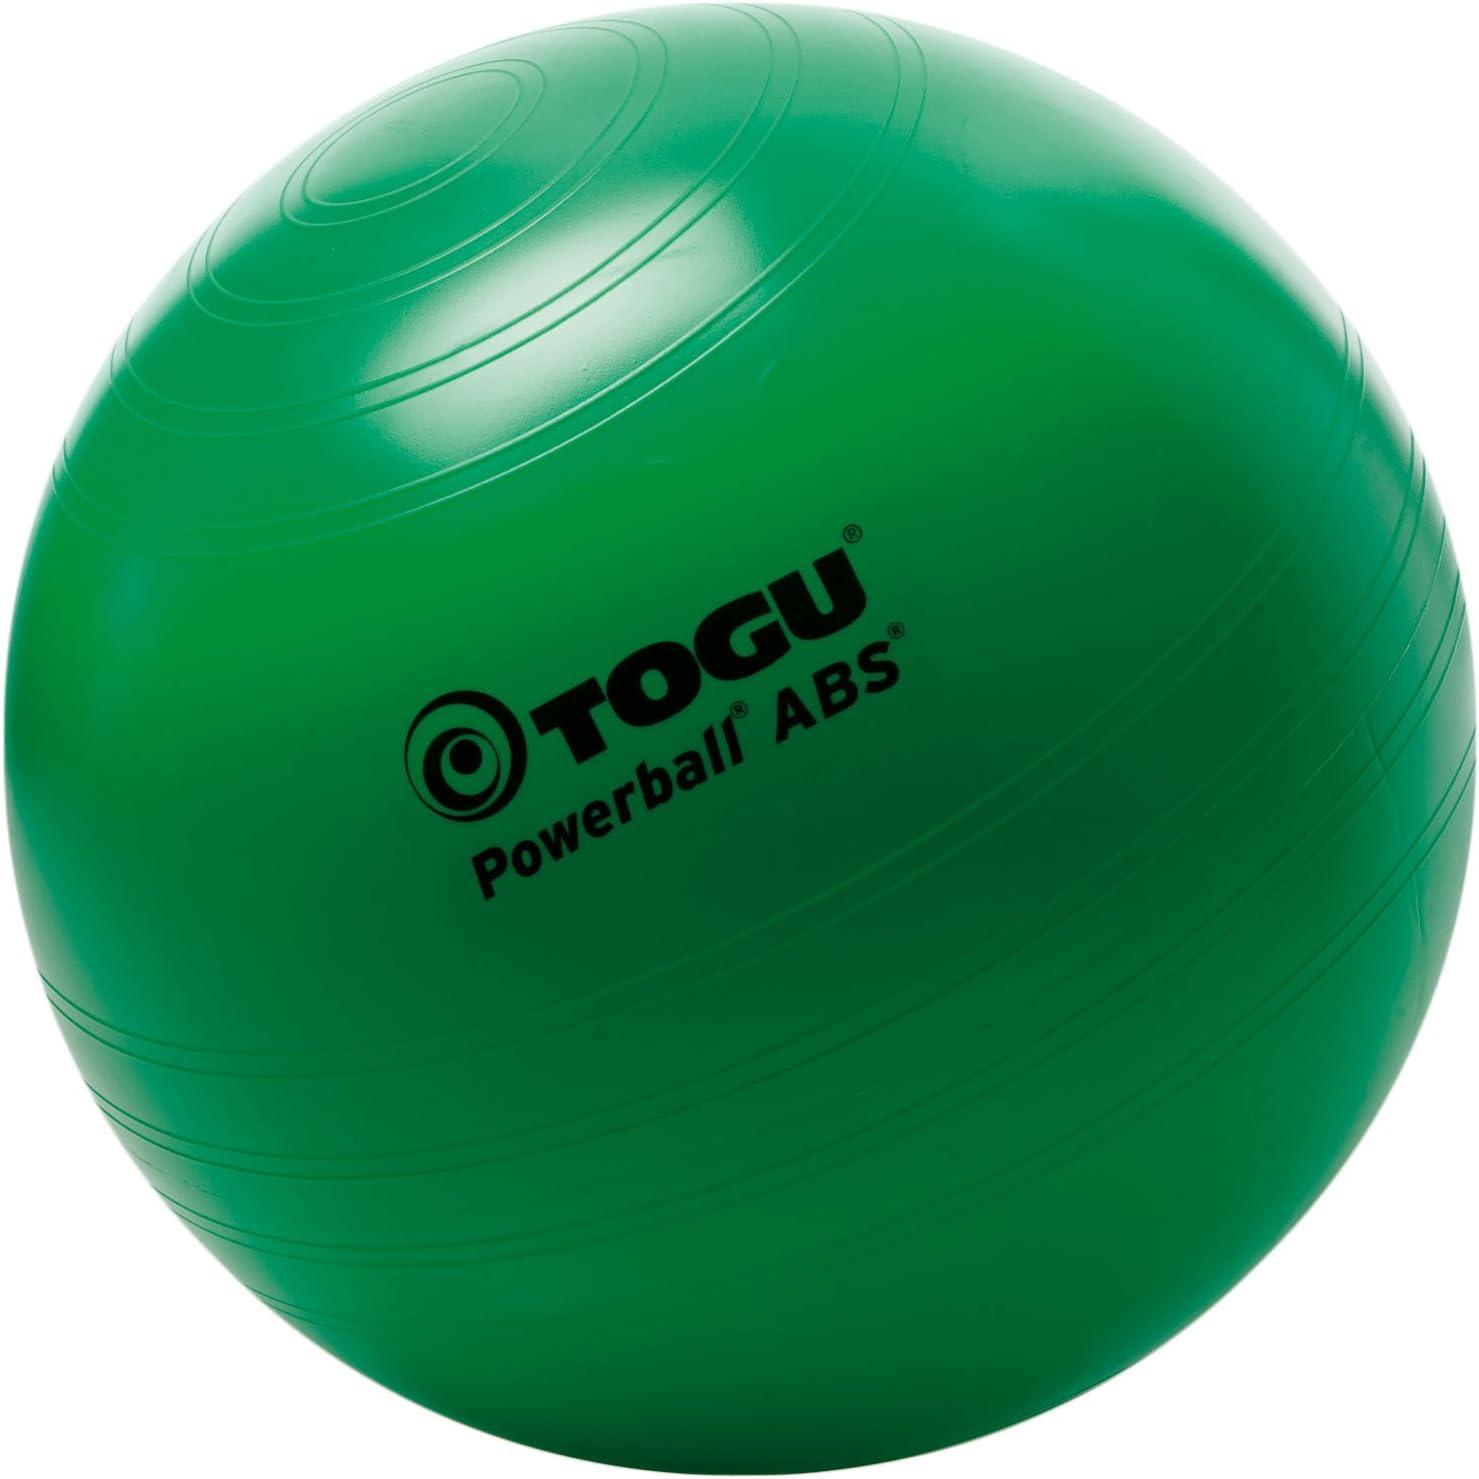 Togu Powerball ABS Balle de gymnastique Terre